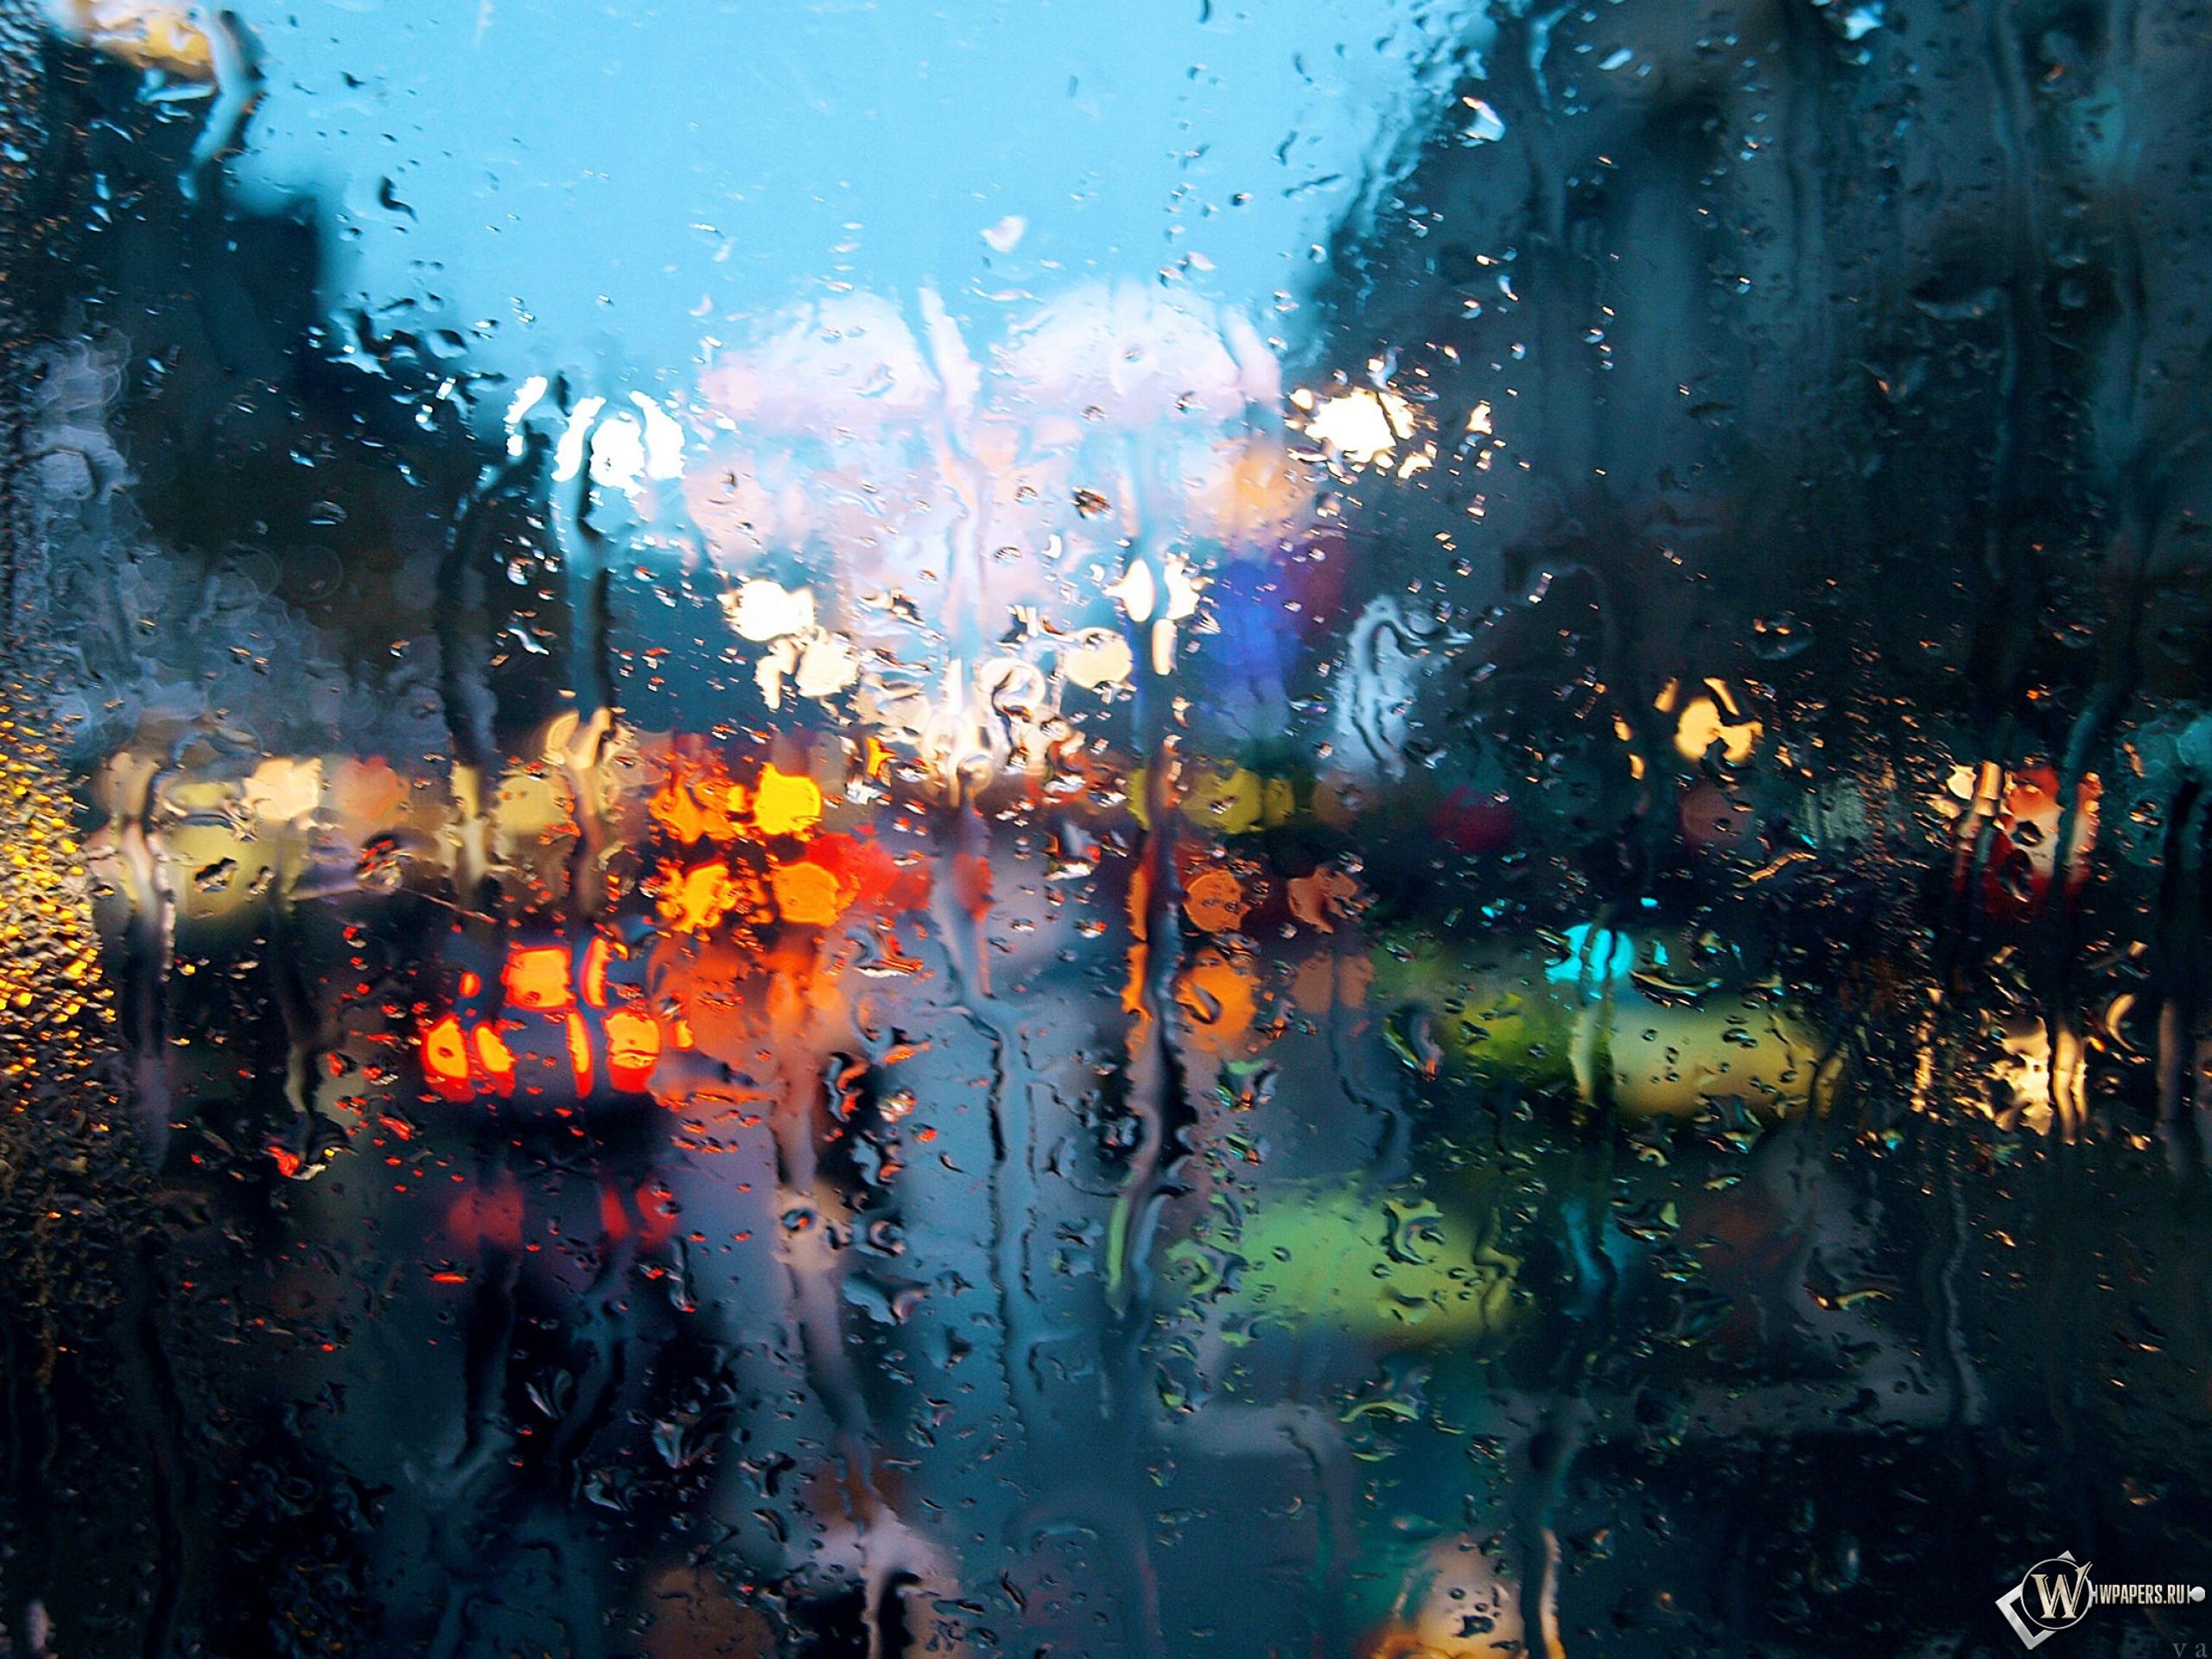 фотографирование через мокрое стекло крупная лесная